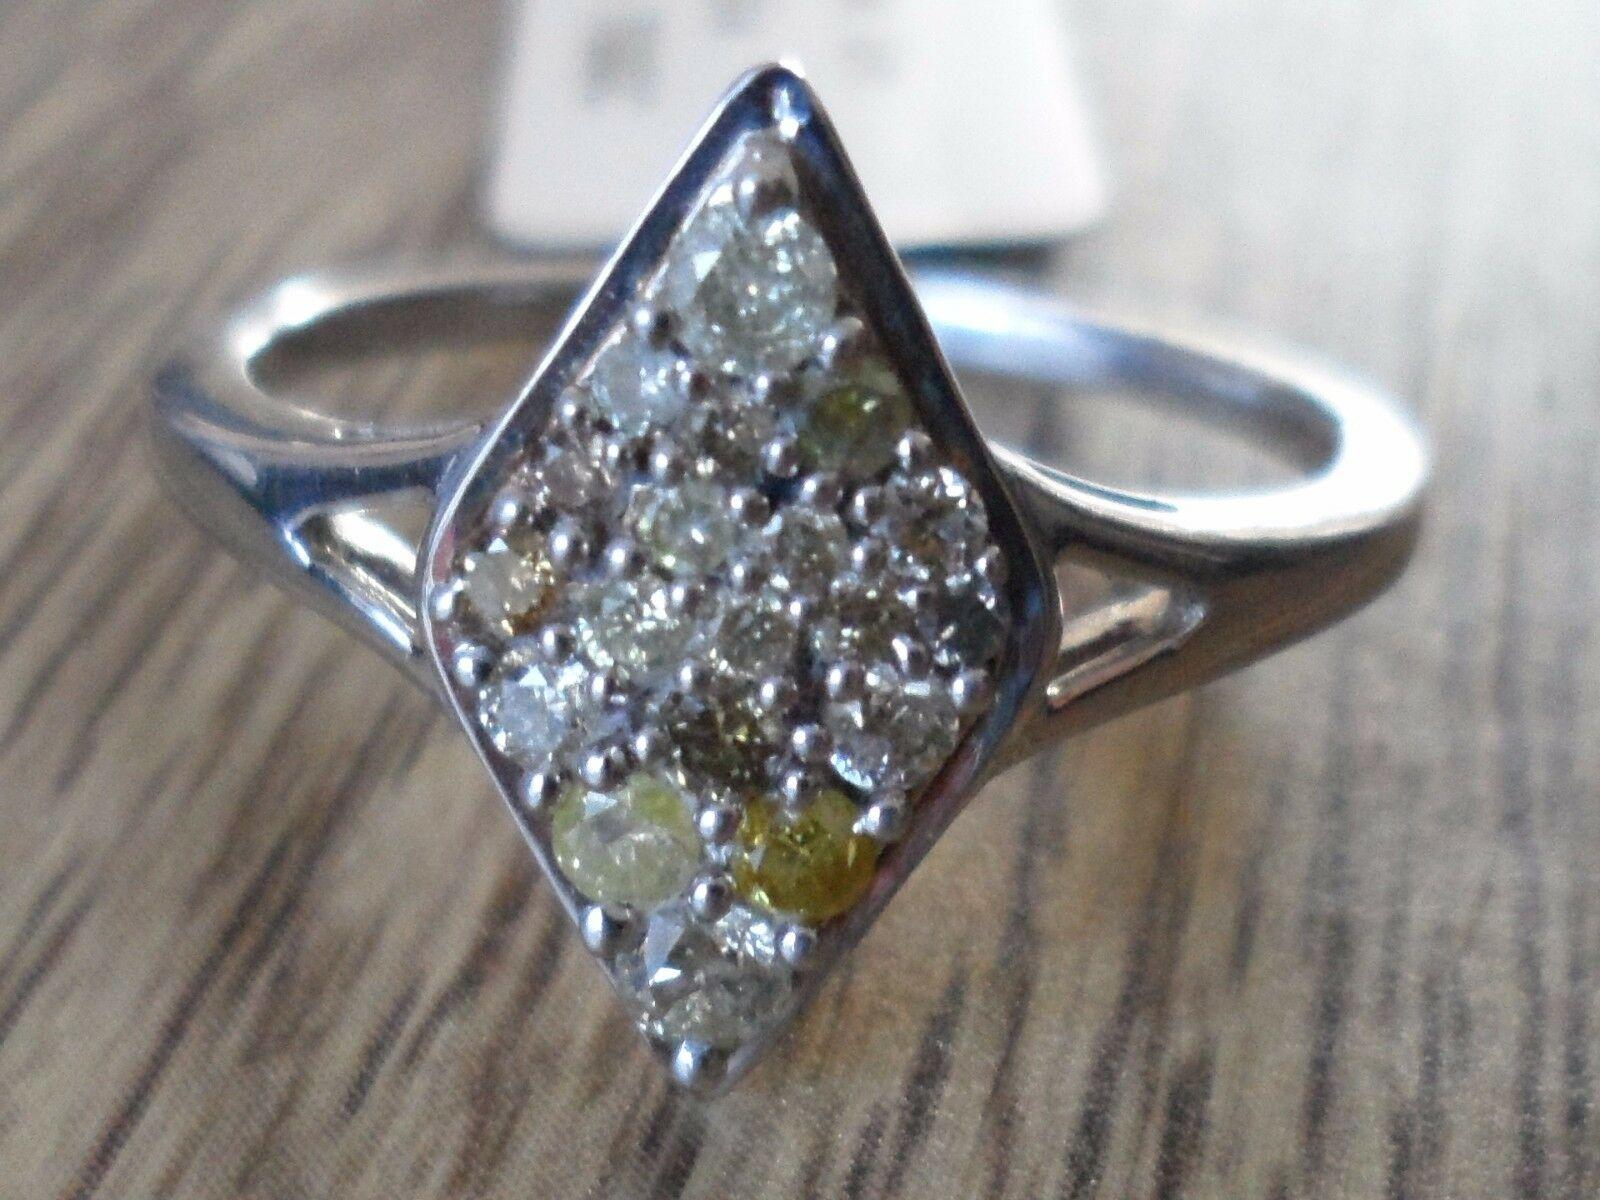 STUPENDO STUPENDO STUPENDO AUTENTICO NATURALE FANCY anello di diamanti in argentoo Sterling 0.33ct b60993